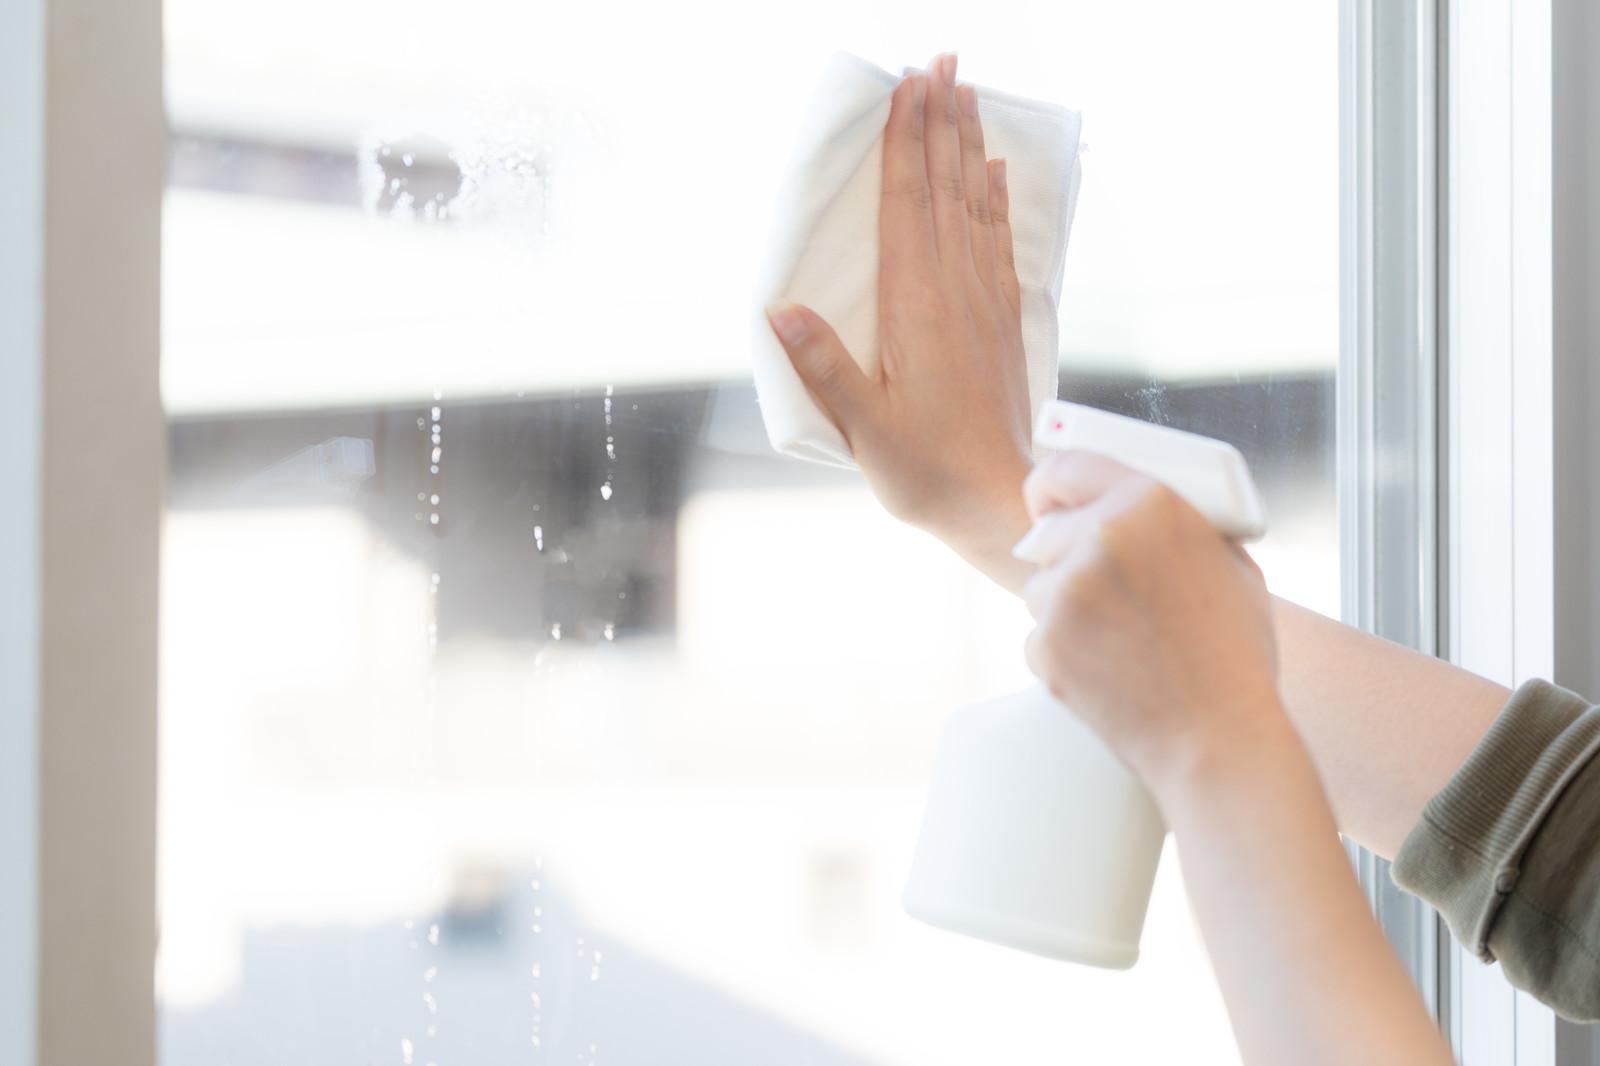 「スーパー」な真空ガラス?!超高断熱真空ガラス「スーパースペーシア」製品紹介